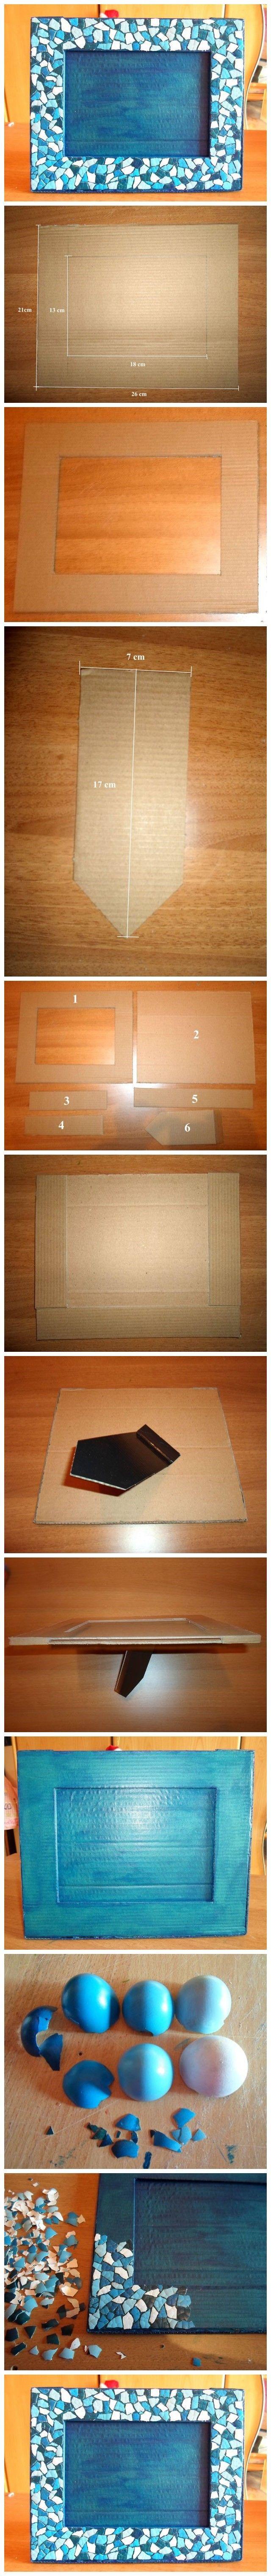 瓦楞纸制作的相框哦~很好看,用碎鸡蛋壳装饰的!纸板相框 ..一步一步细心制作,各种惊喜啊 :) http://18kstyle.taobao.com